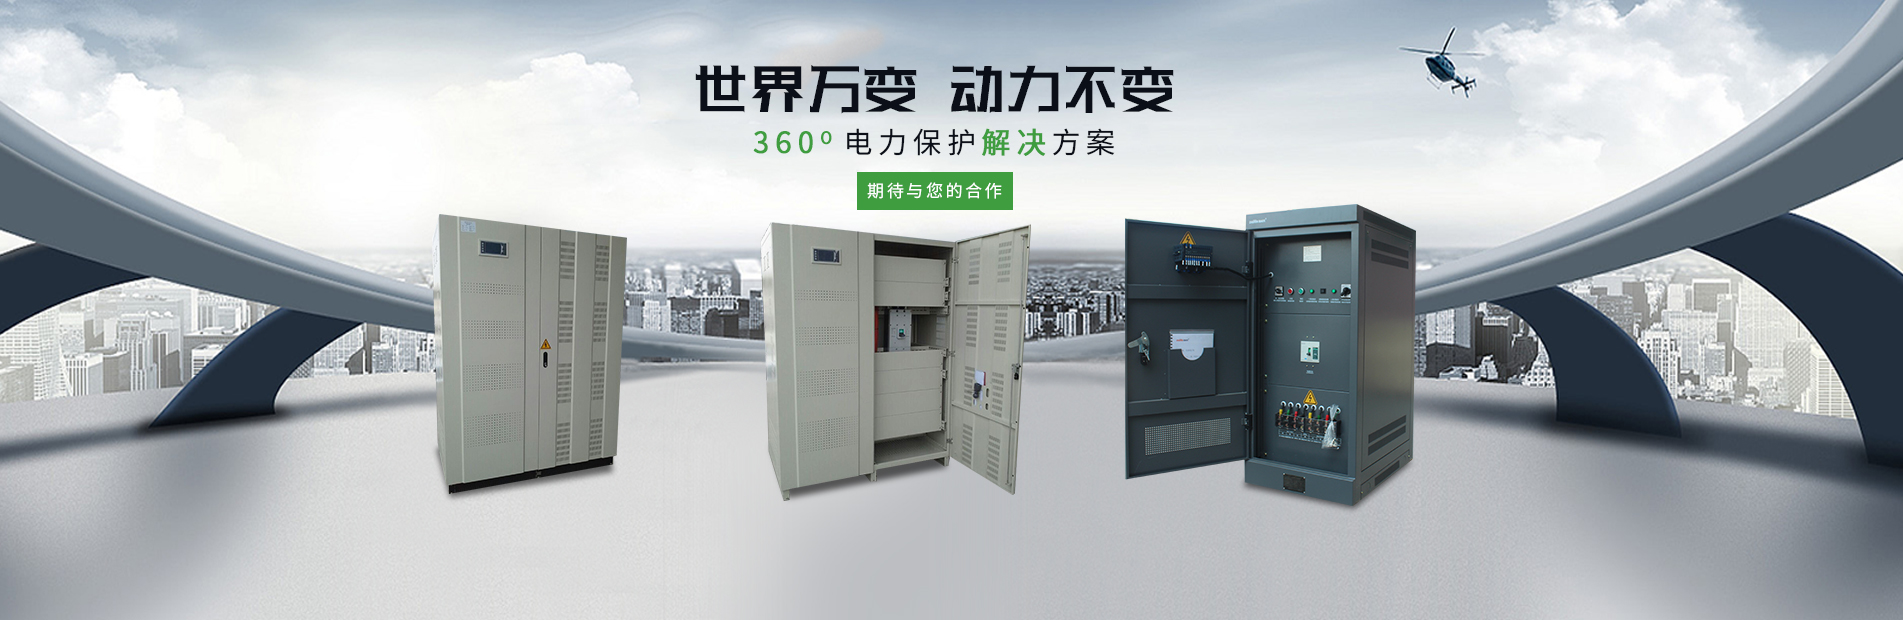 上海瑞安电器制造有限公司